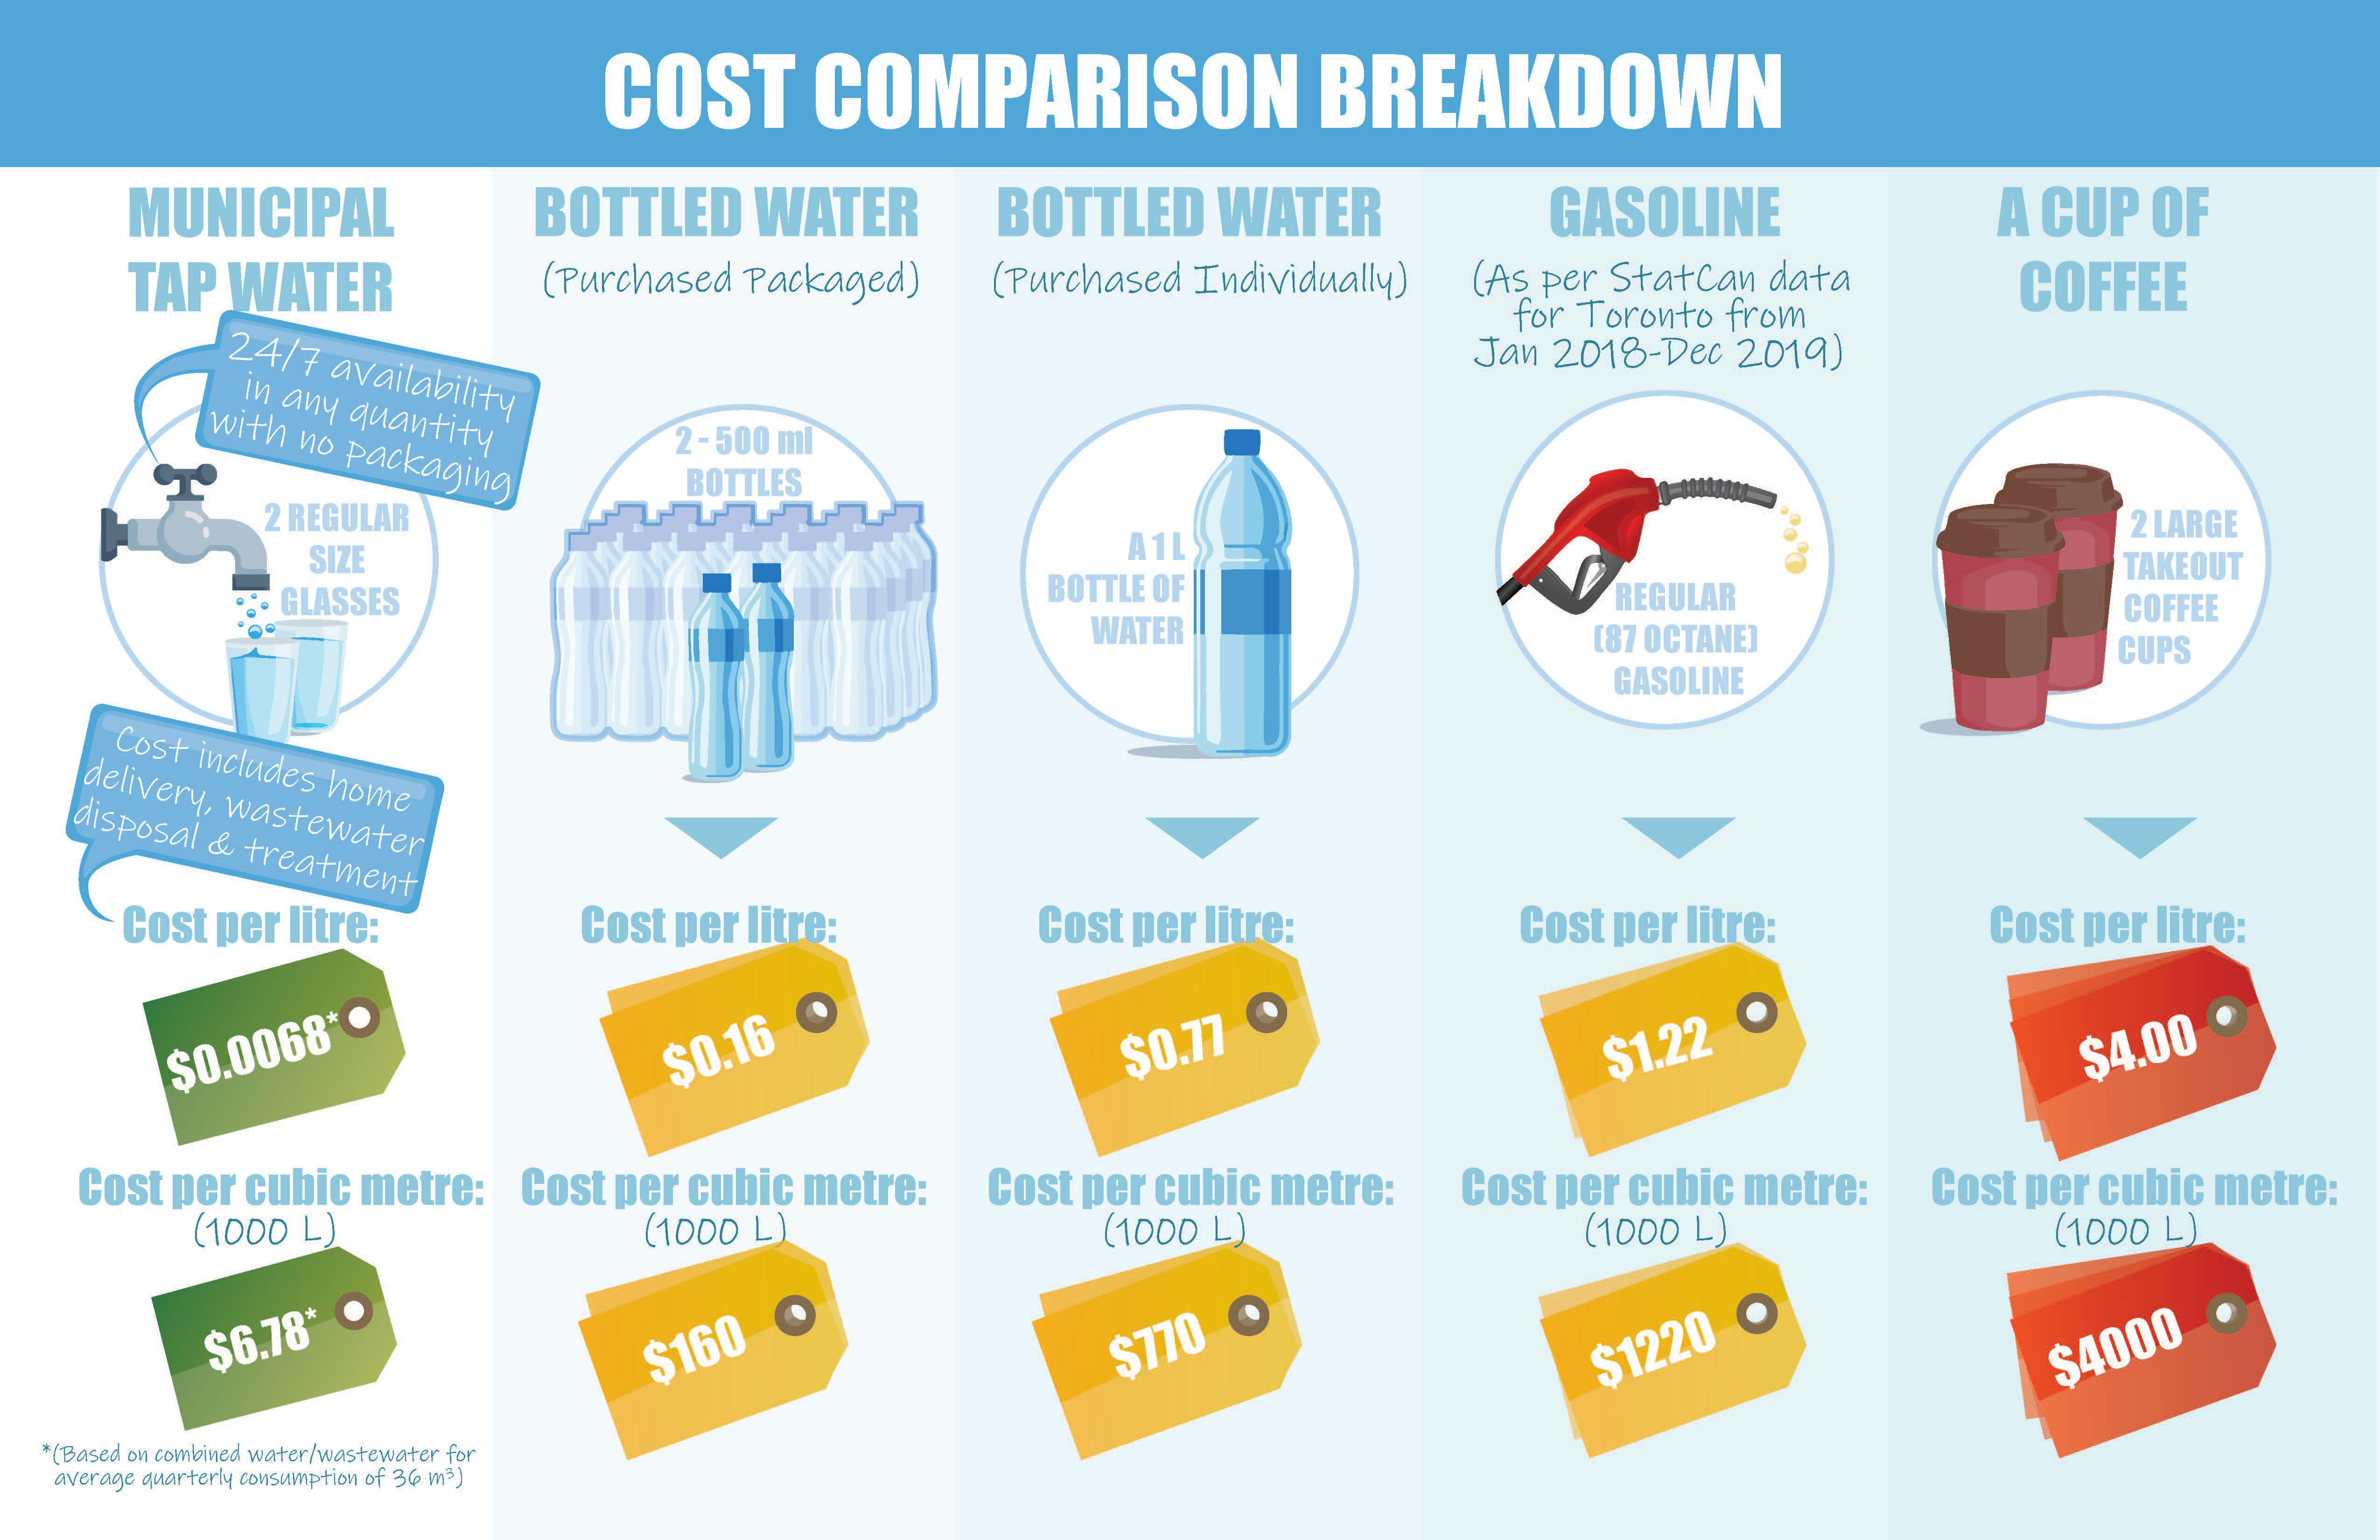 Cost comparison Breakdown graphic